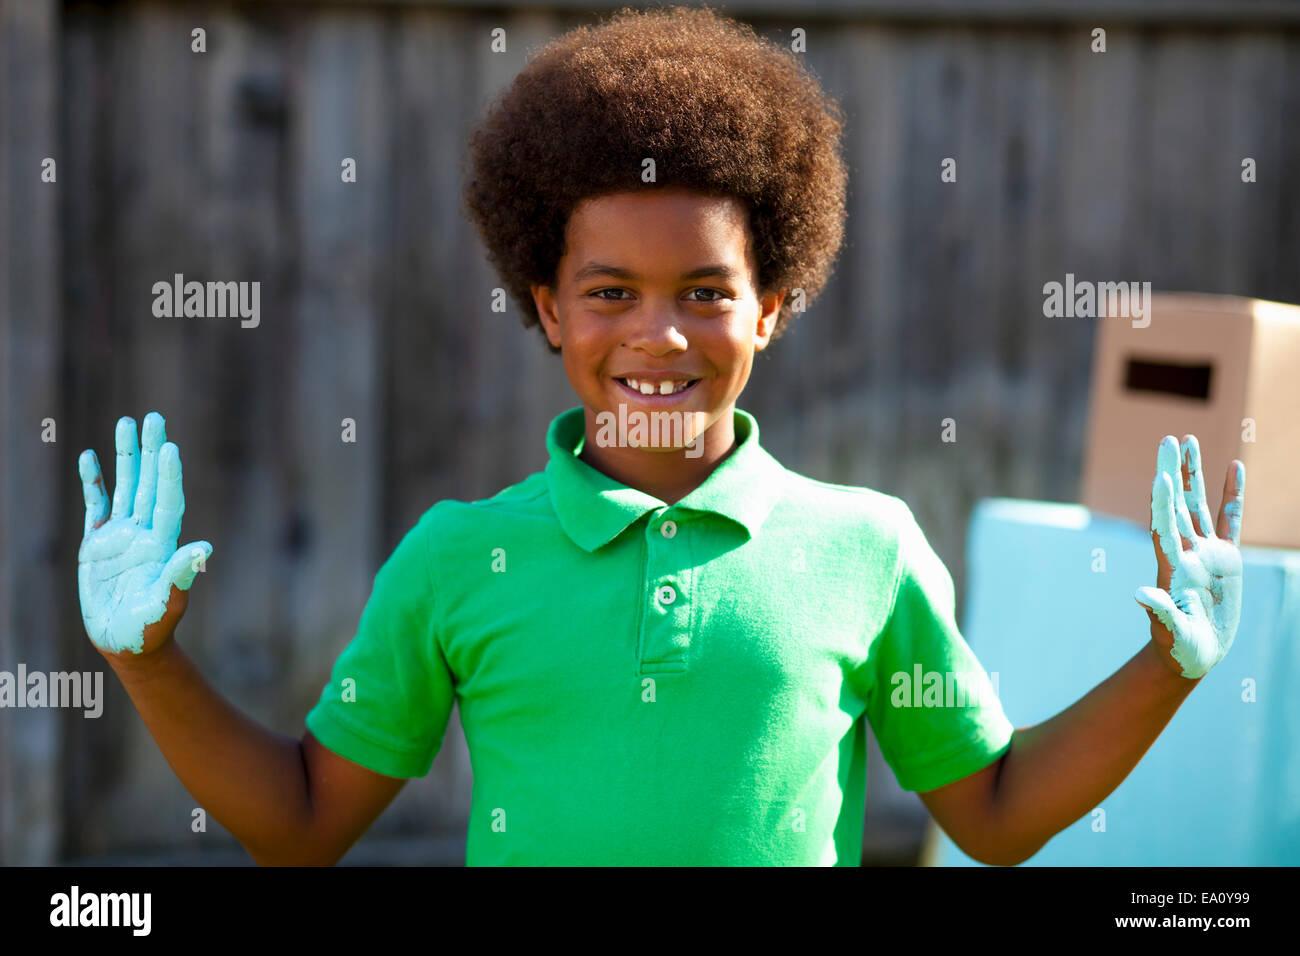 Portrait of boy with blue palms peint en face de robot fait maison Photo Stock